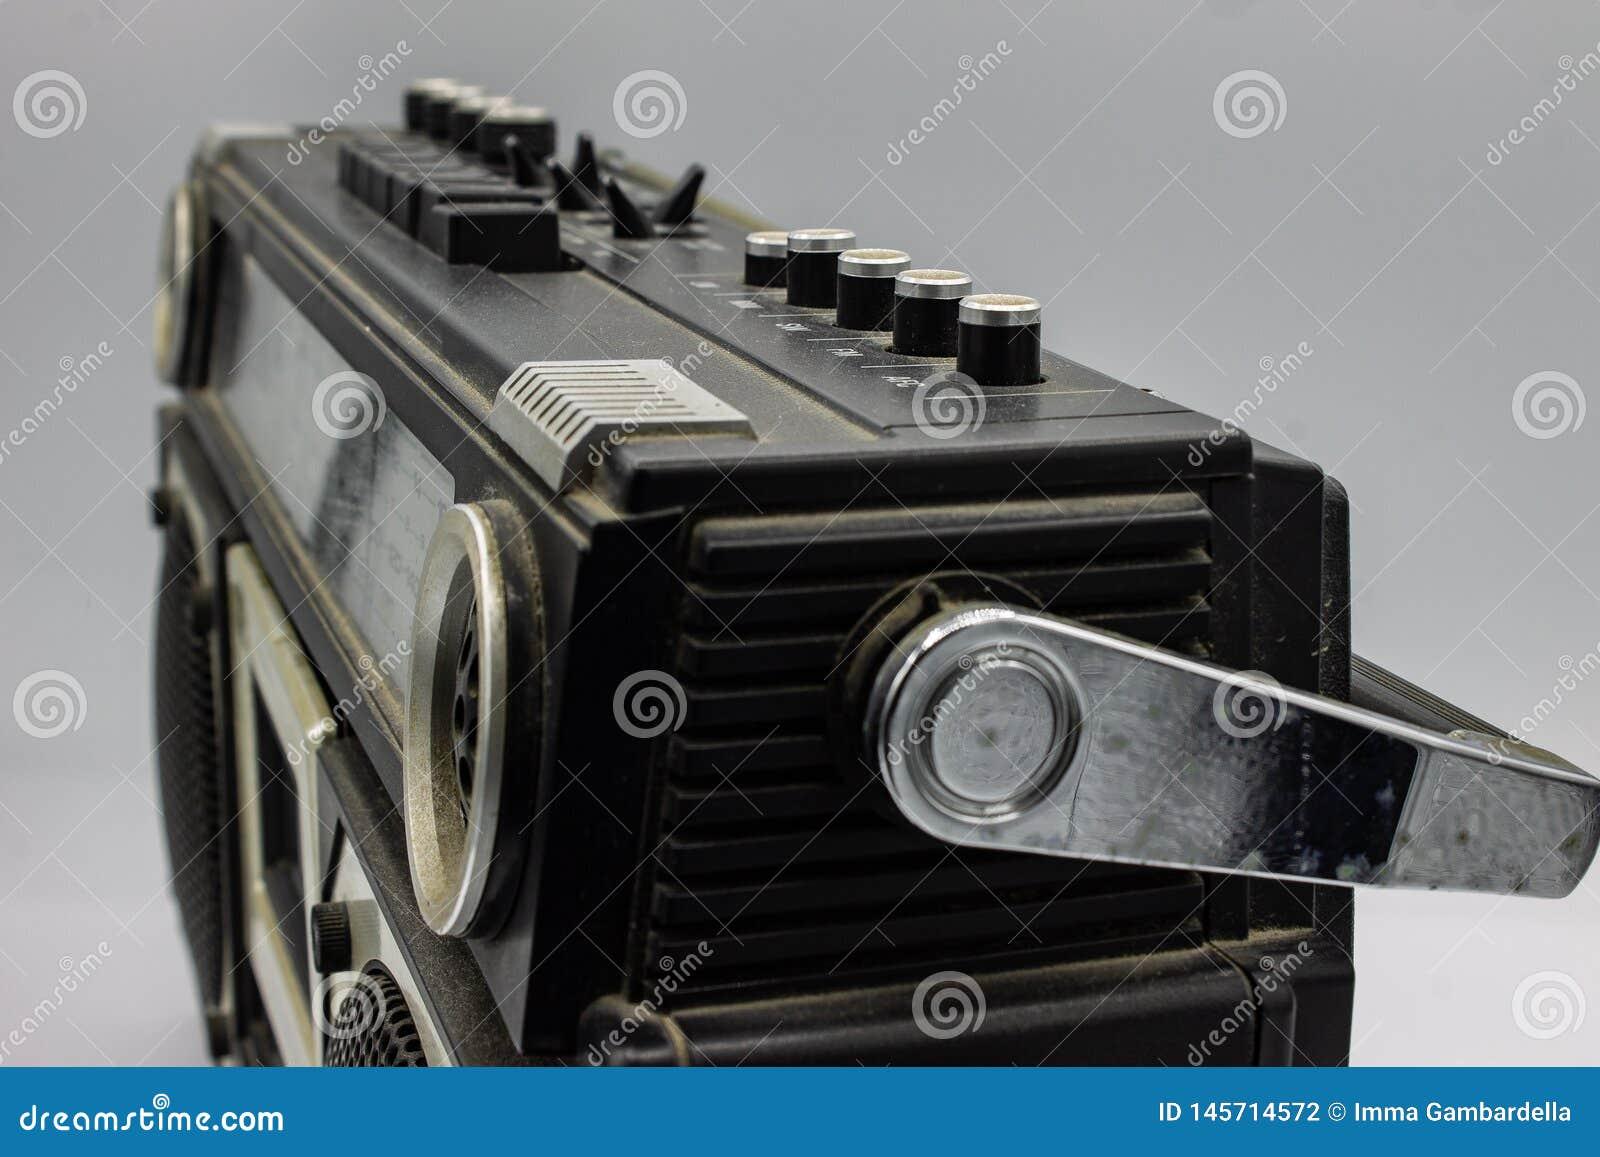 Le radio erano molto grandi, contenendo due altoparlanti e un giranastri